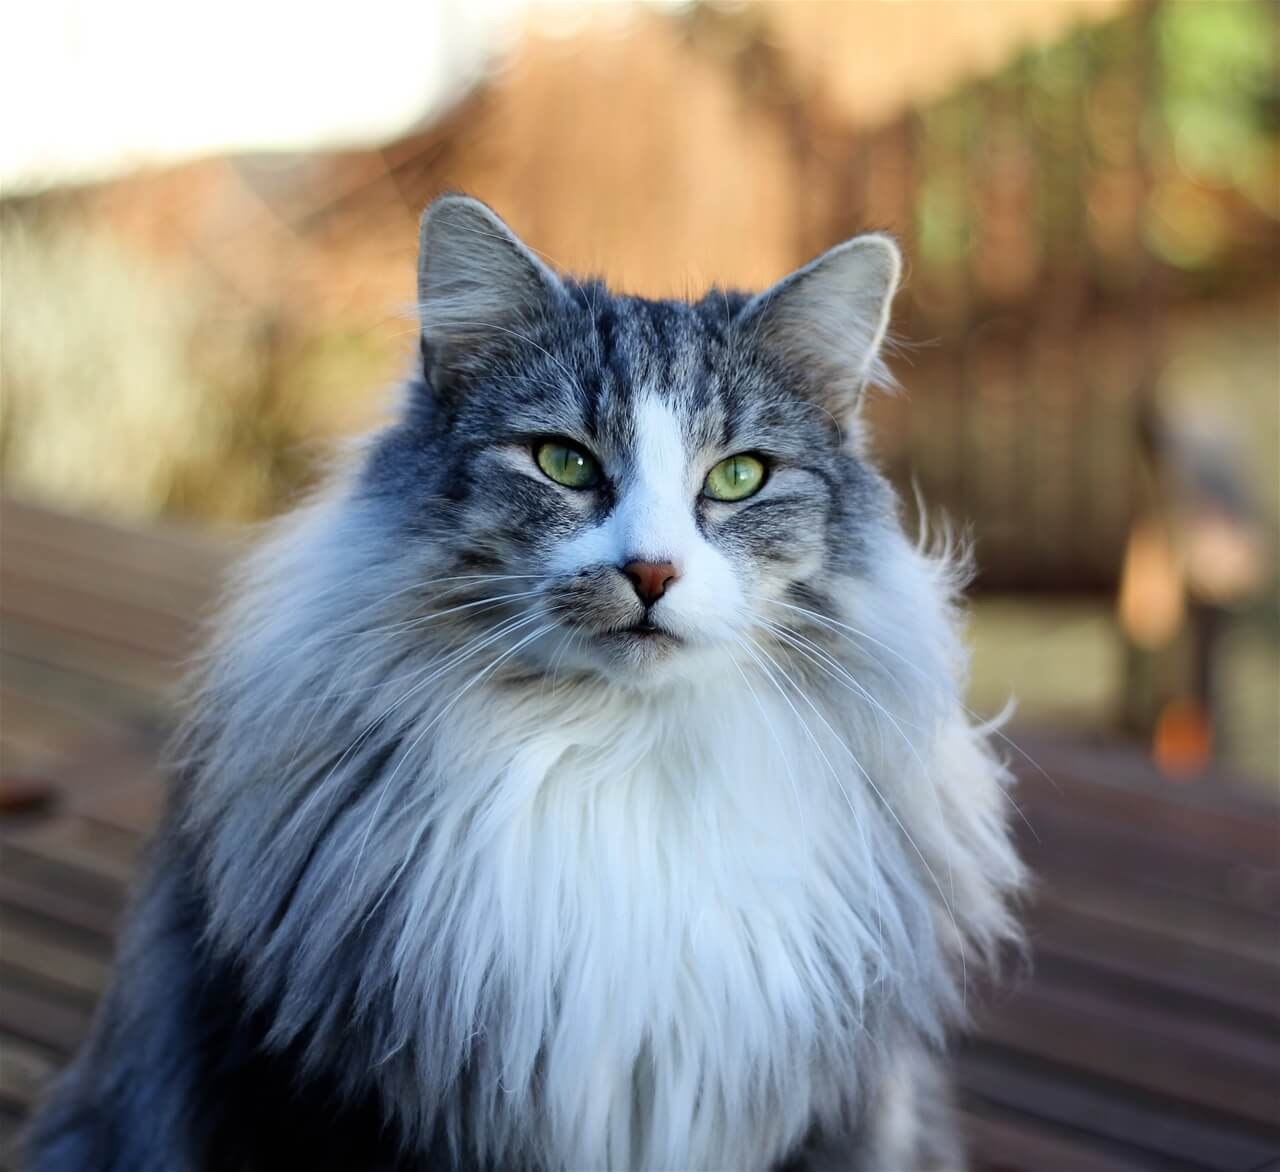 CH DK Silverleaf's Slowpoke • DK Silverleaf • Norsk Skovkatte • Norwegian Forest cats